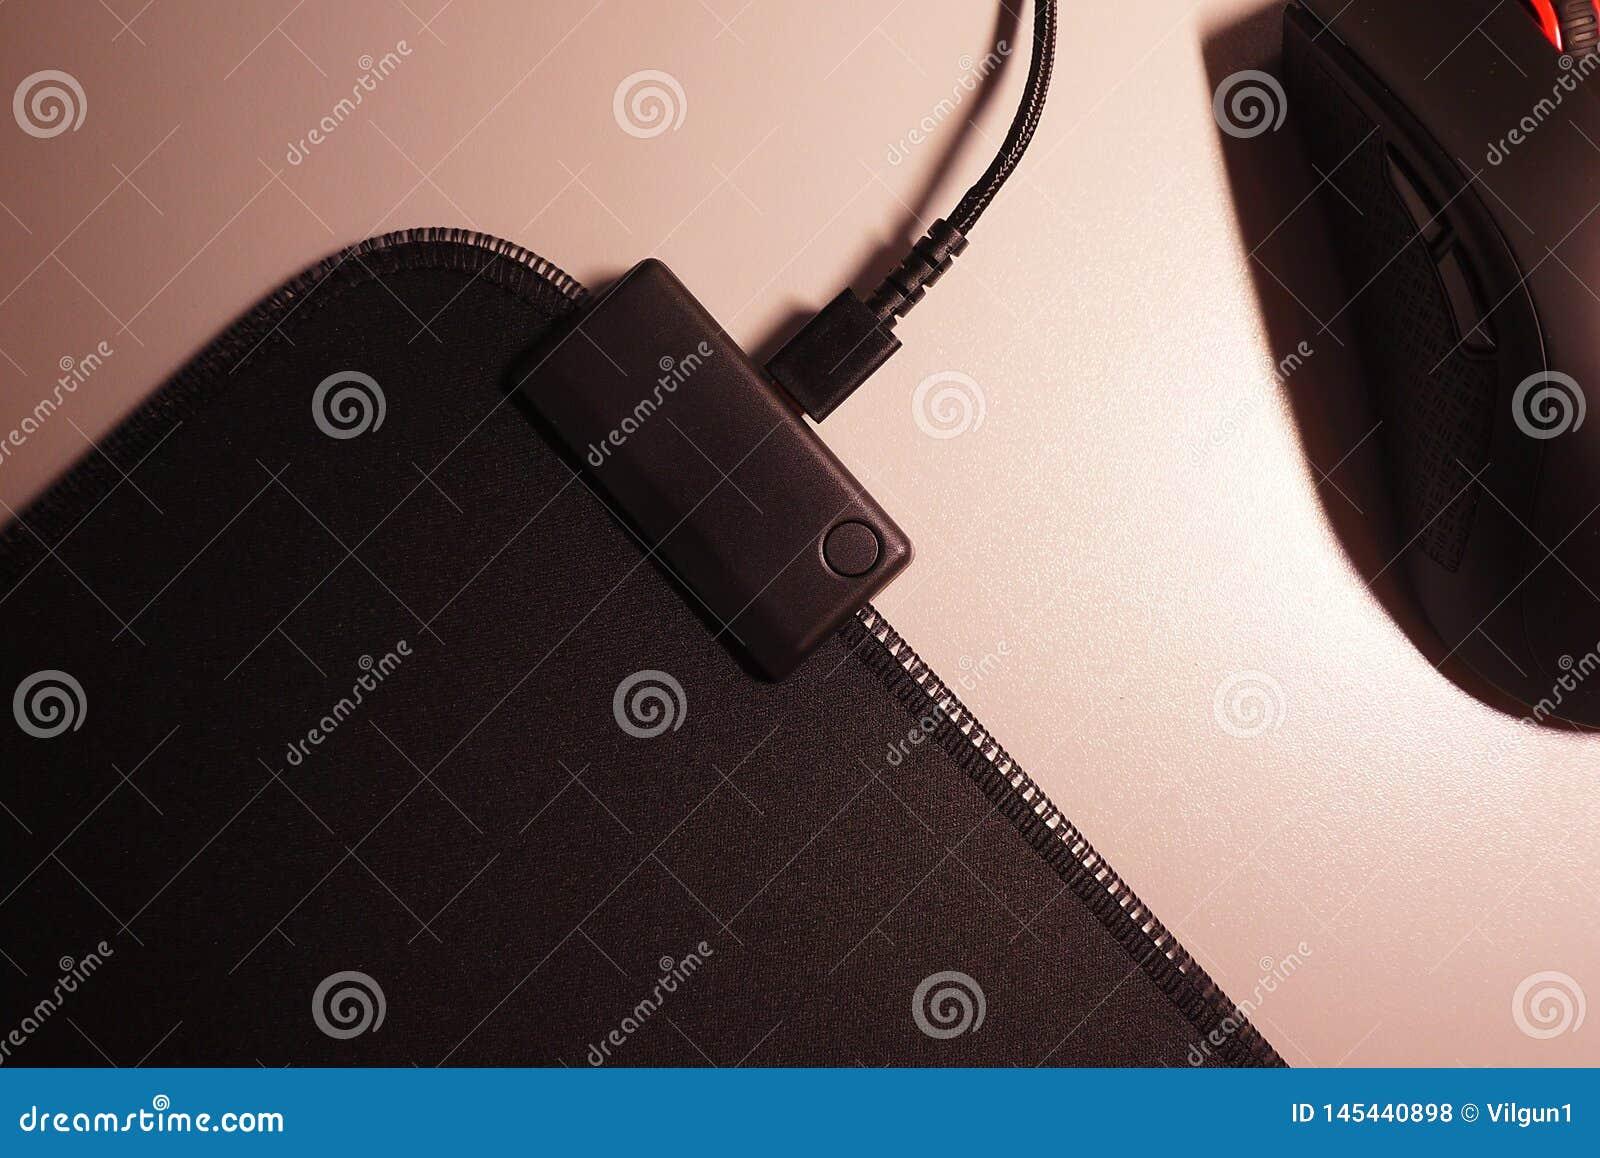 Komputerowa mysz dla gamers, mo?e u?ywa? w grach i na komputerze osobistym Szczeg??y w g?r? i